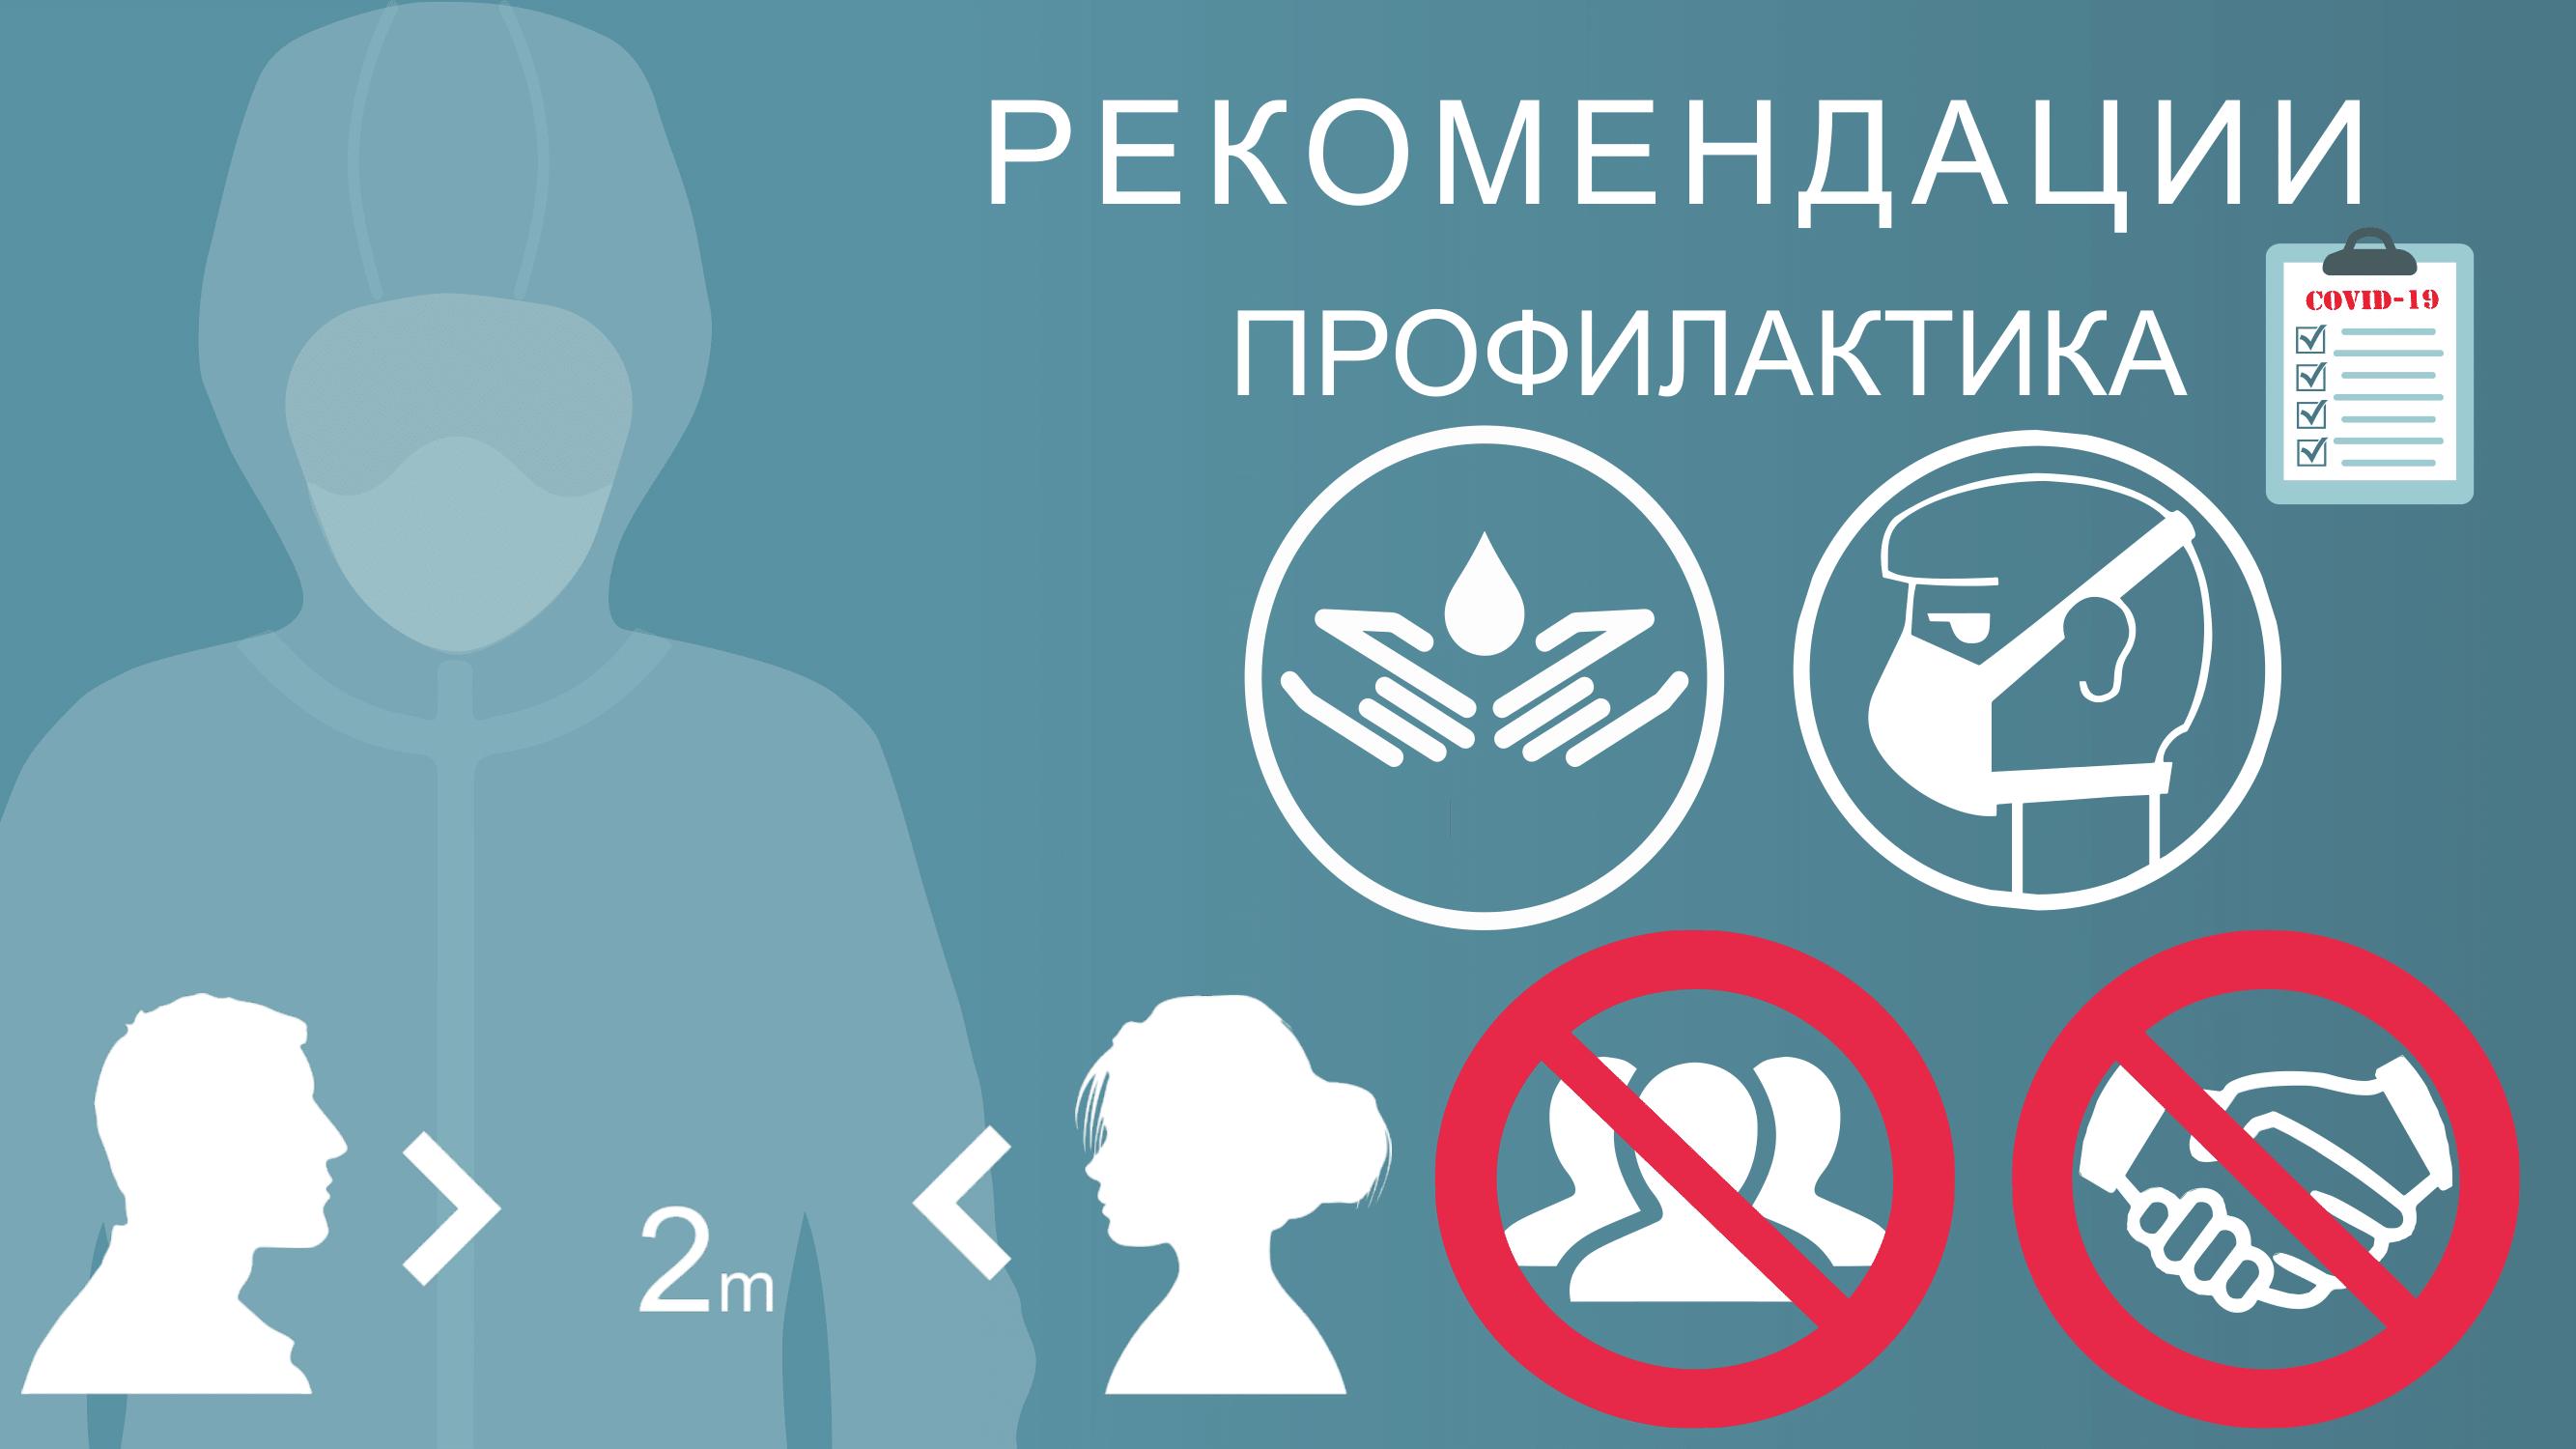 Помощь в период пандемии в Липецкой области-14